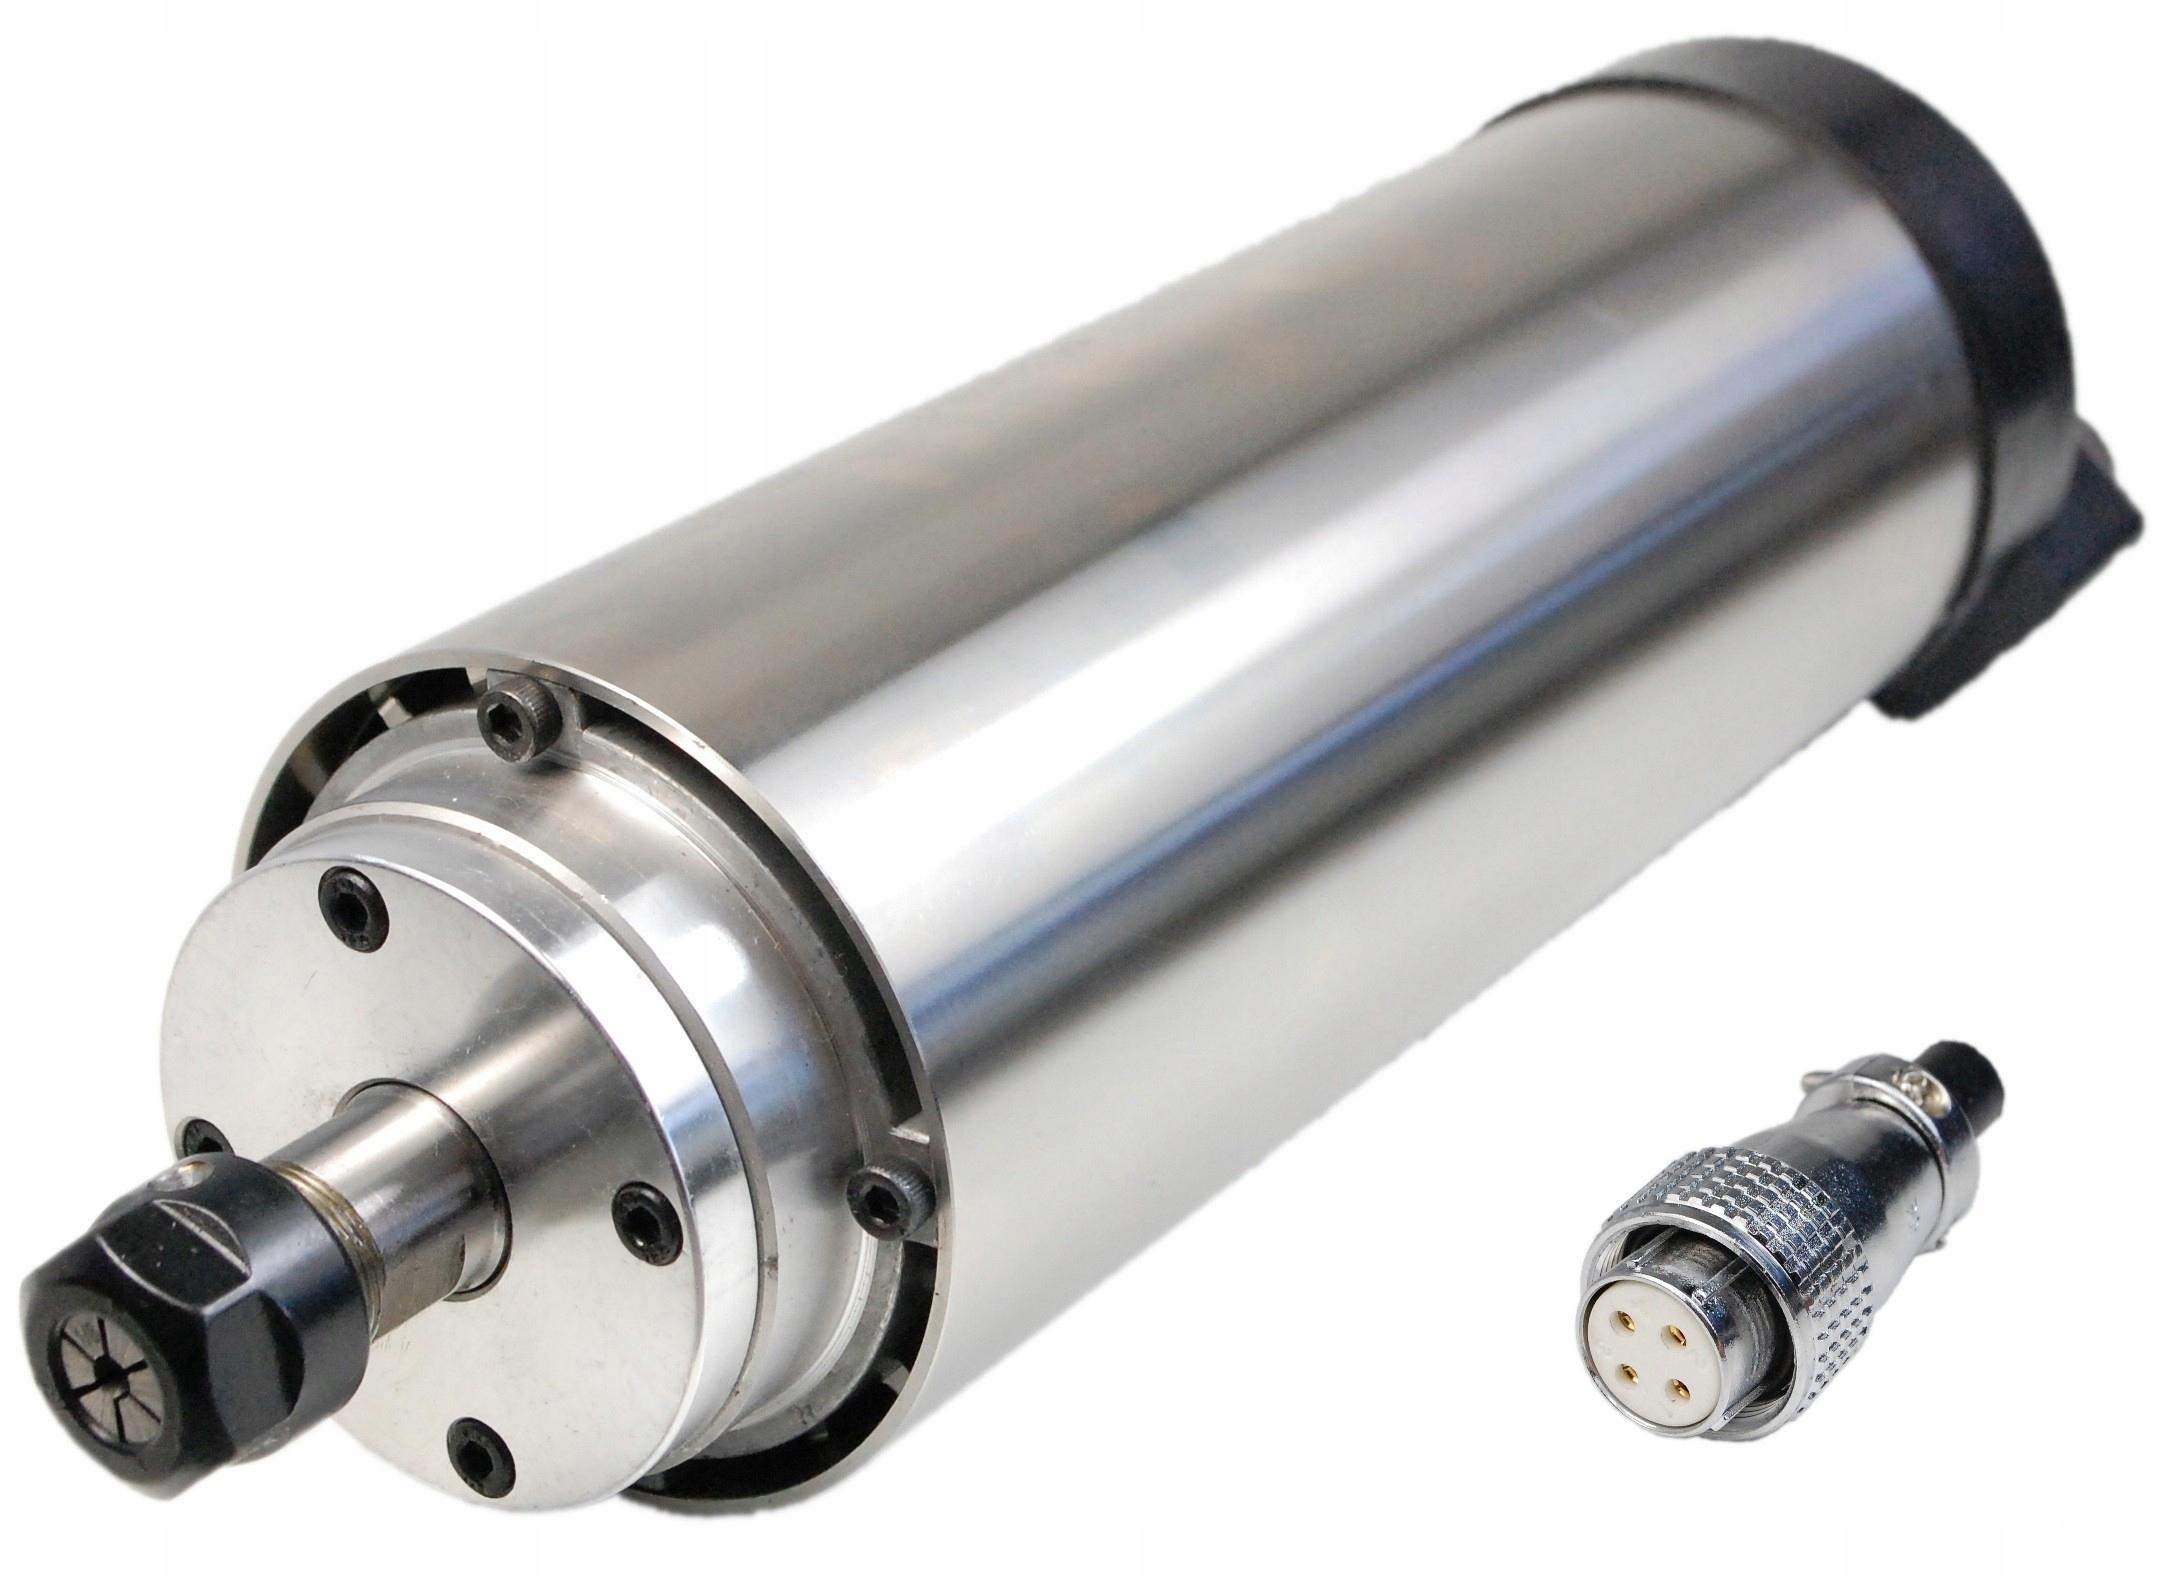 Wrzeciono CNC 0.8 kW, ER11, powietrze